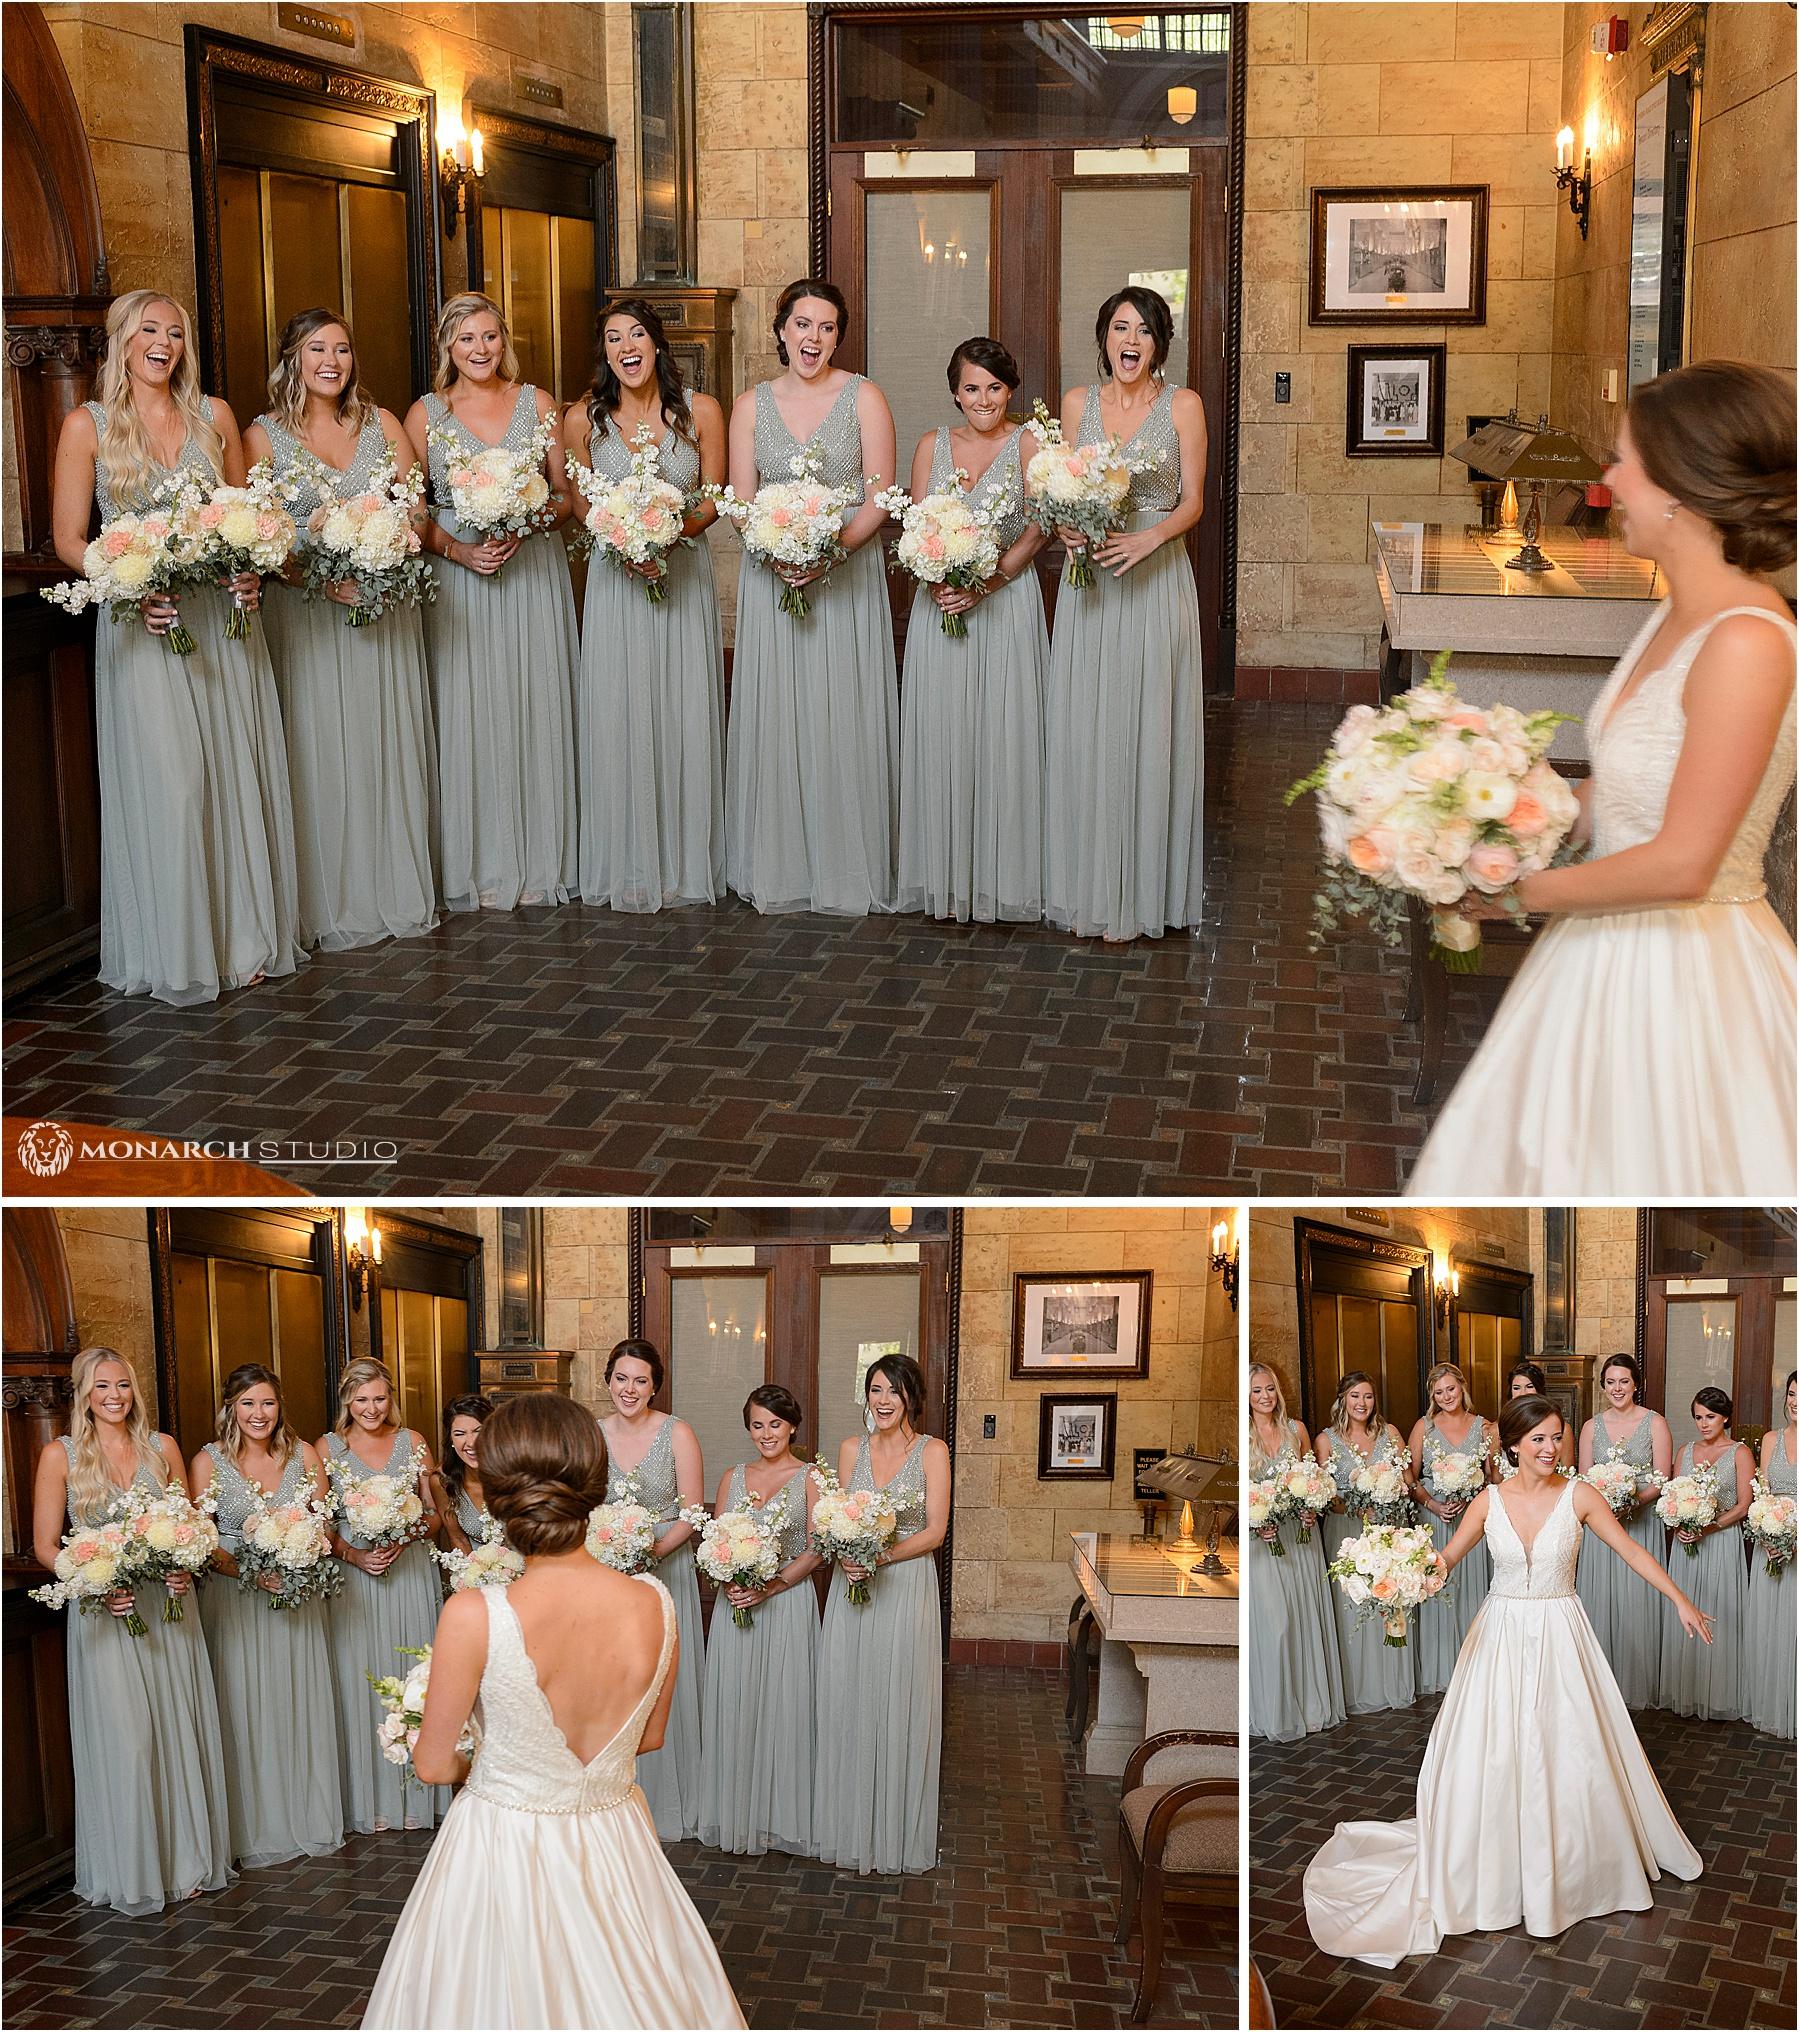 Wedding-PHotographer-in-st-augustine-2019-007.jpg